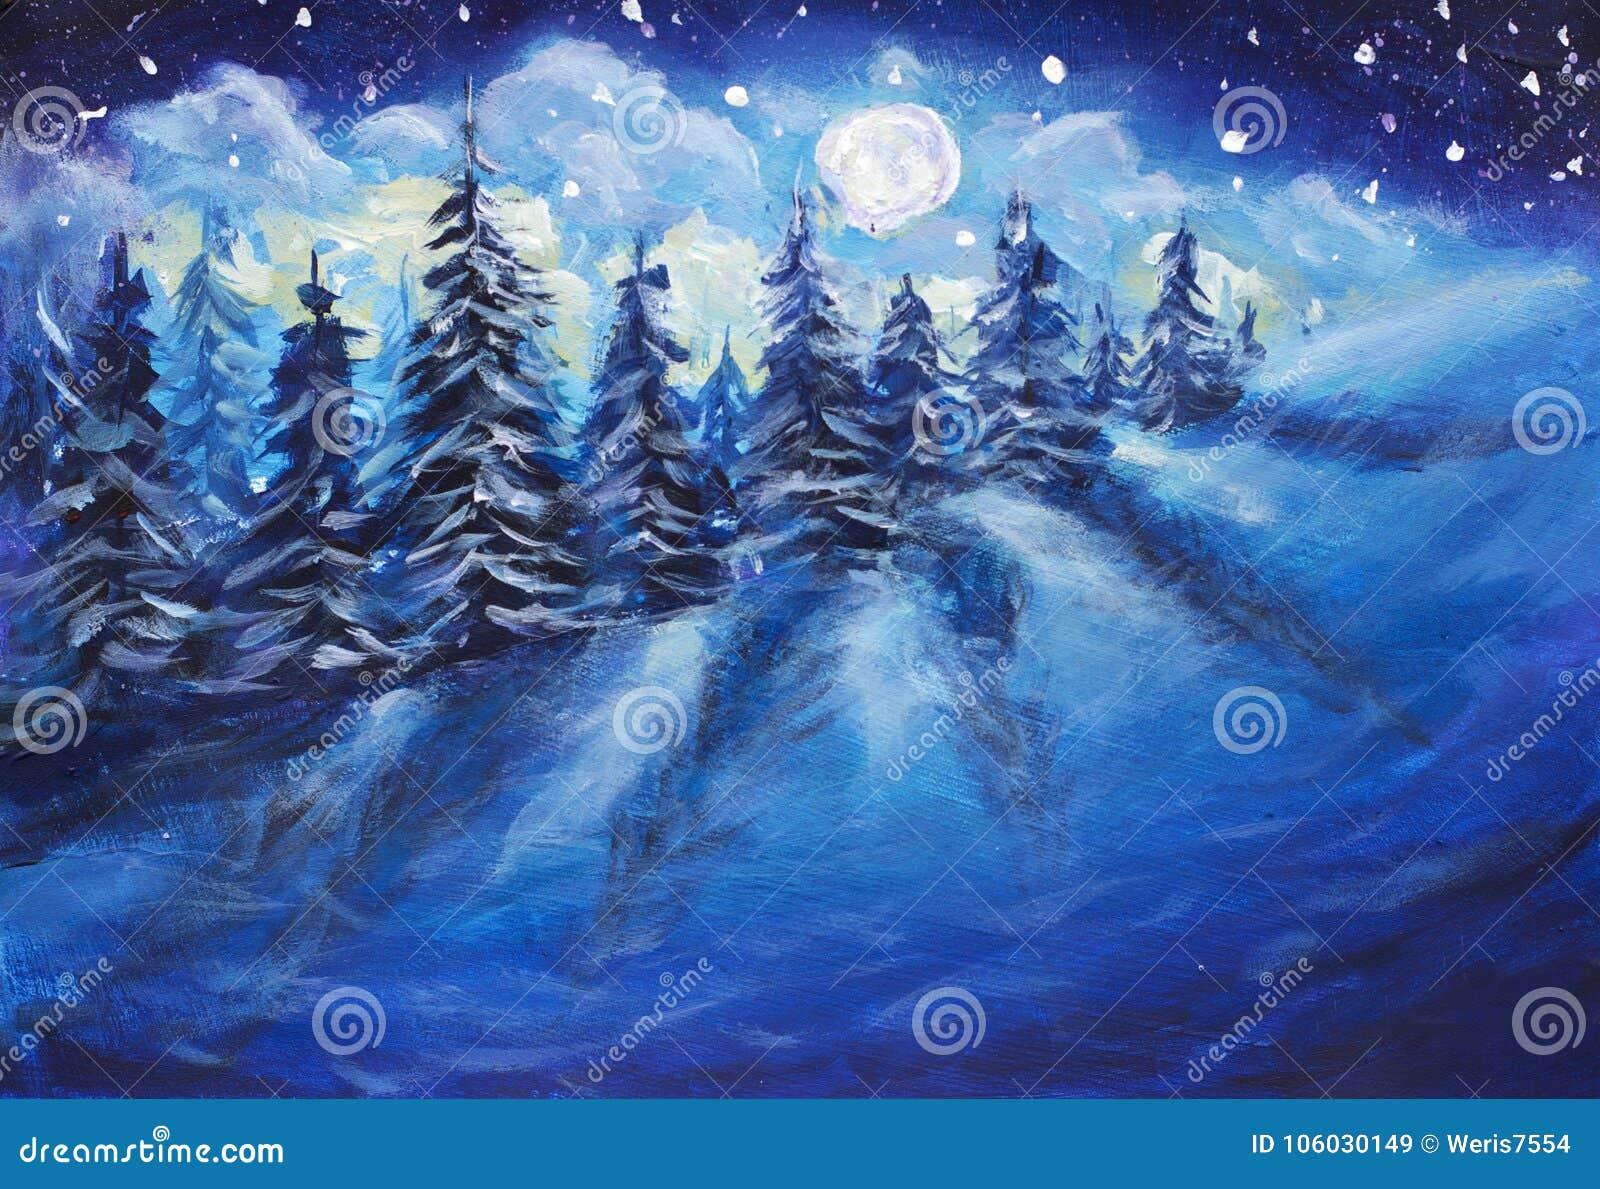 Księżyc w pełni wydźwignięcie nad zima las zakrywający z świeżym śniegiem Fantastyczny jaskrawy milky sposobu oryginału obraz ole